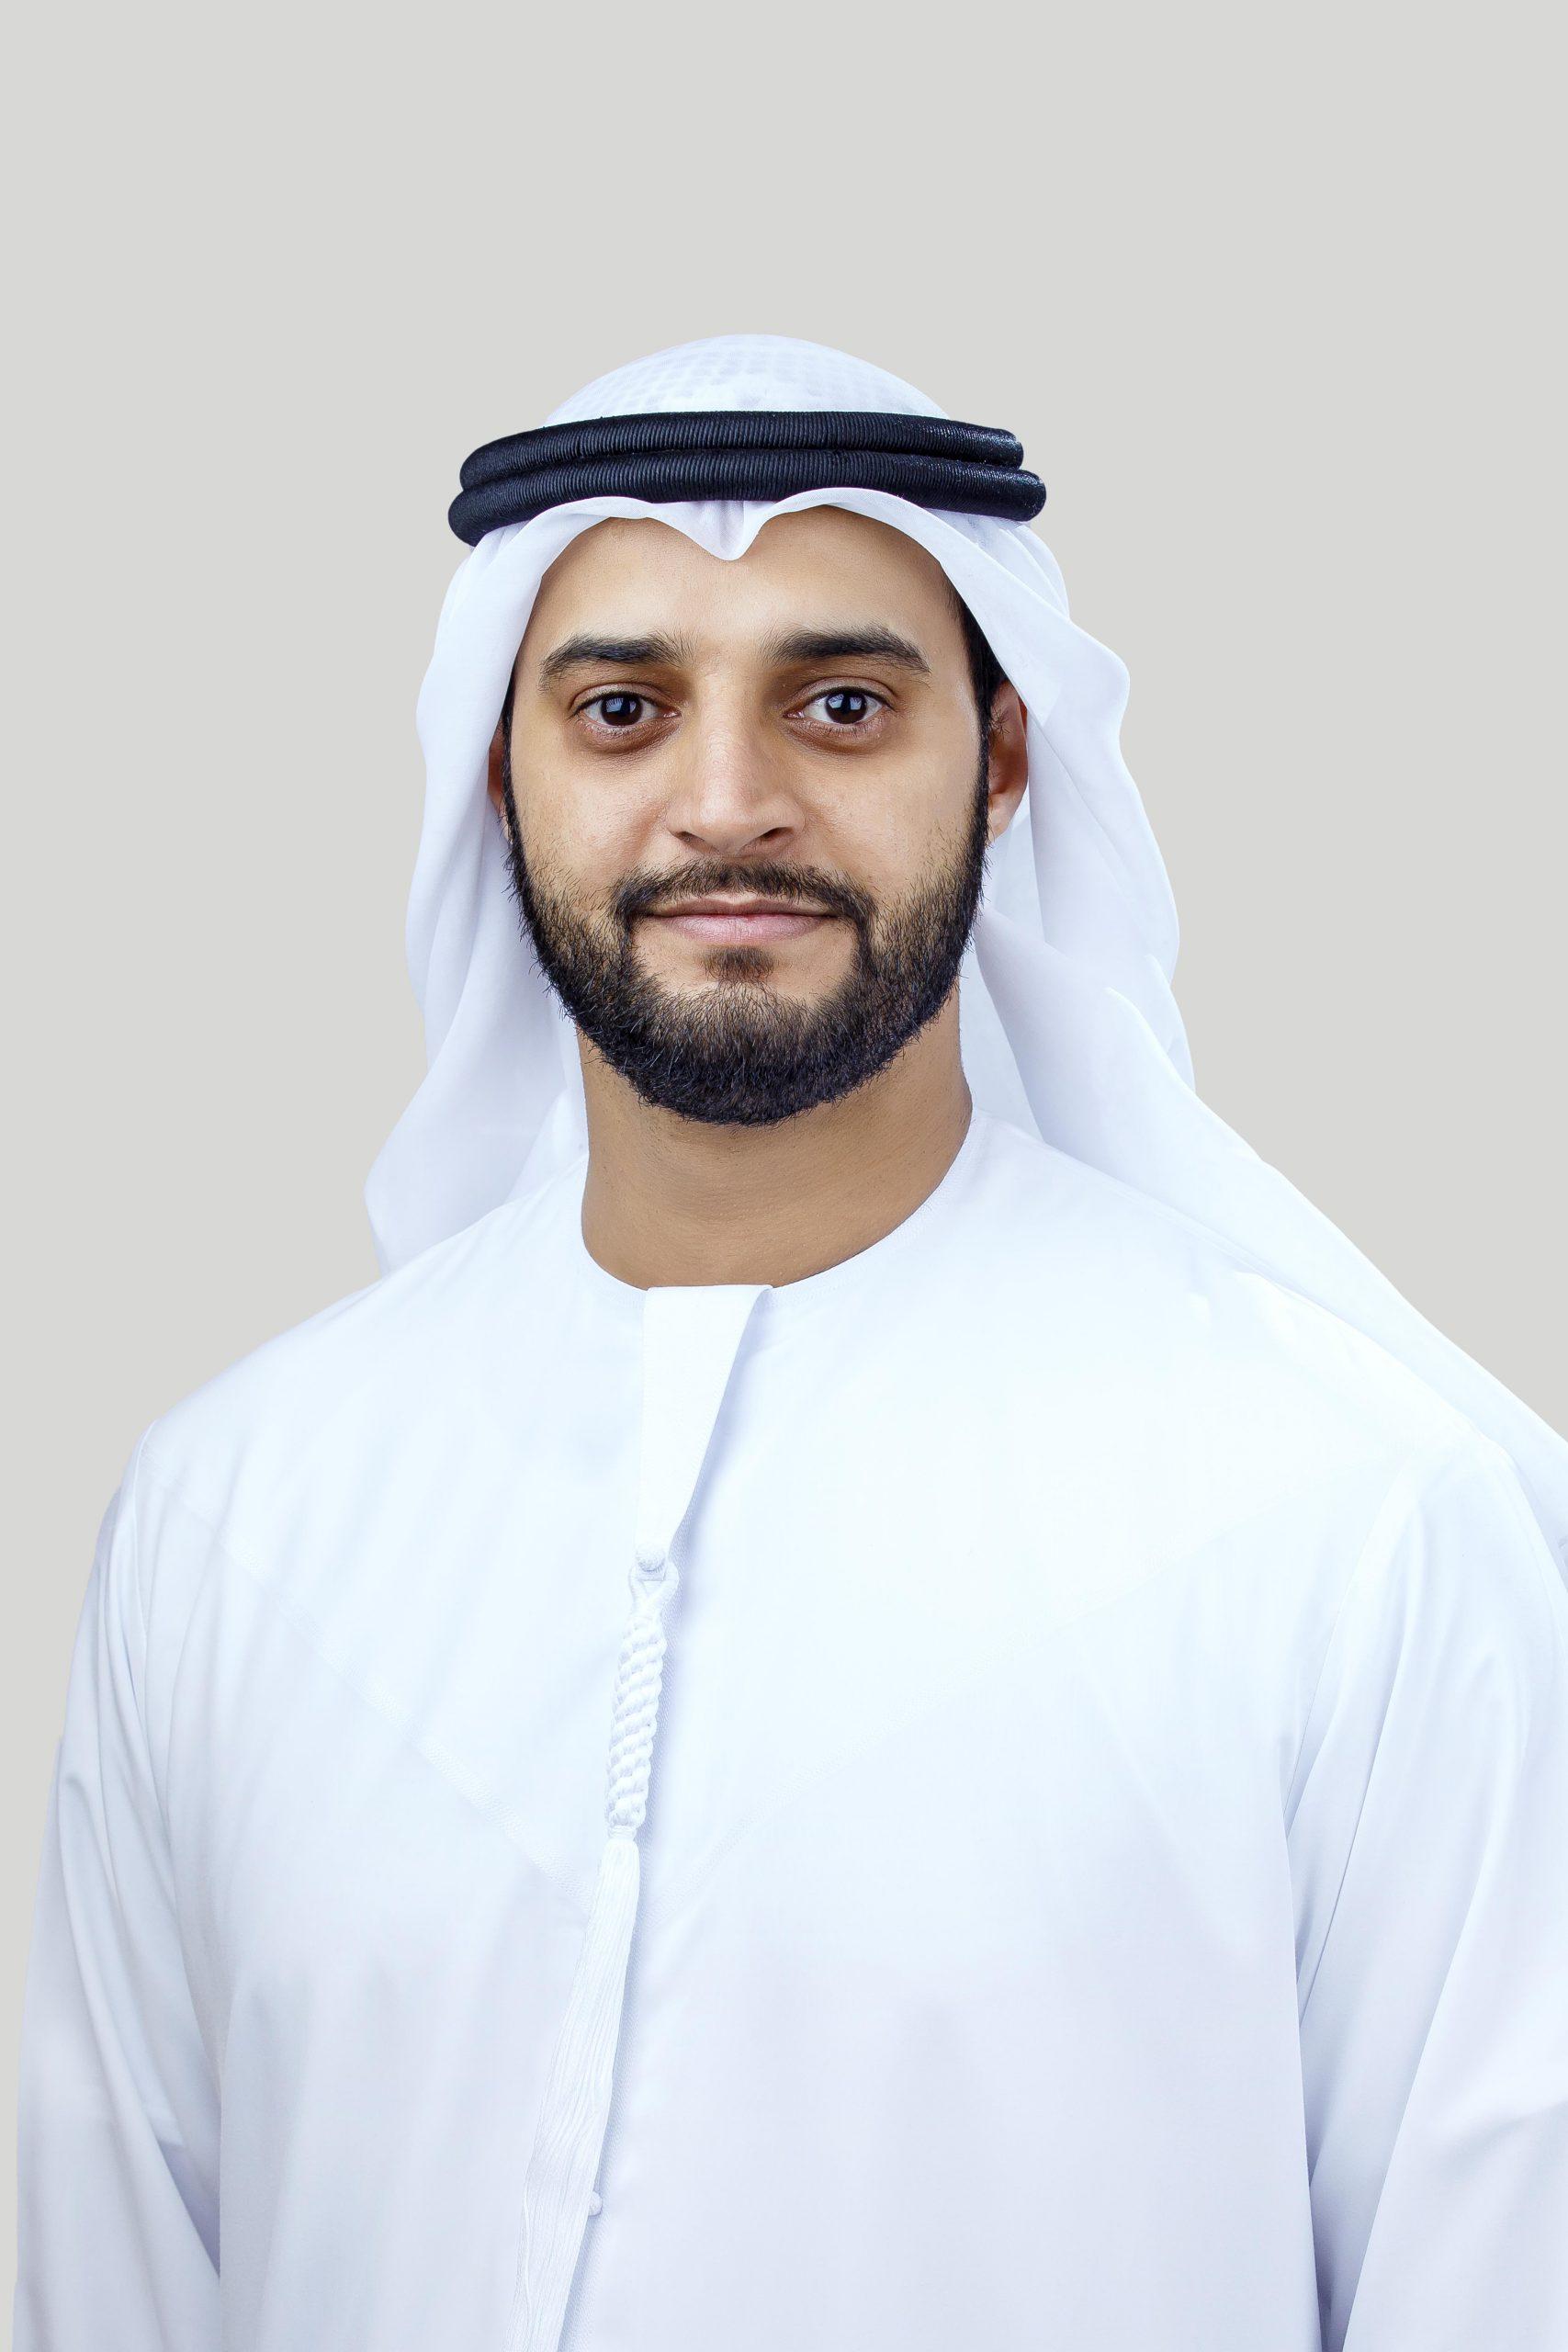 Mohmmed Al-Azeezi